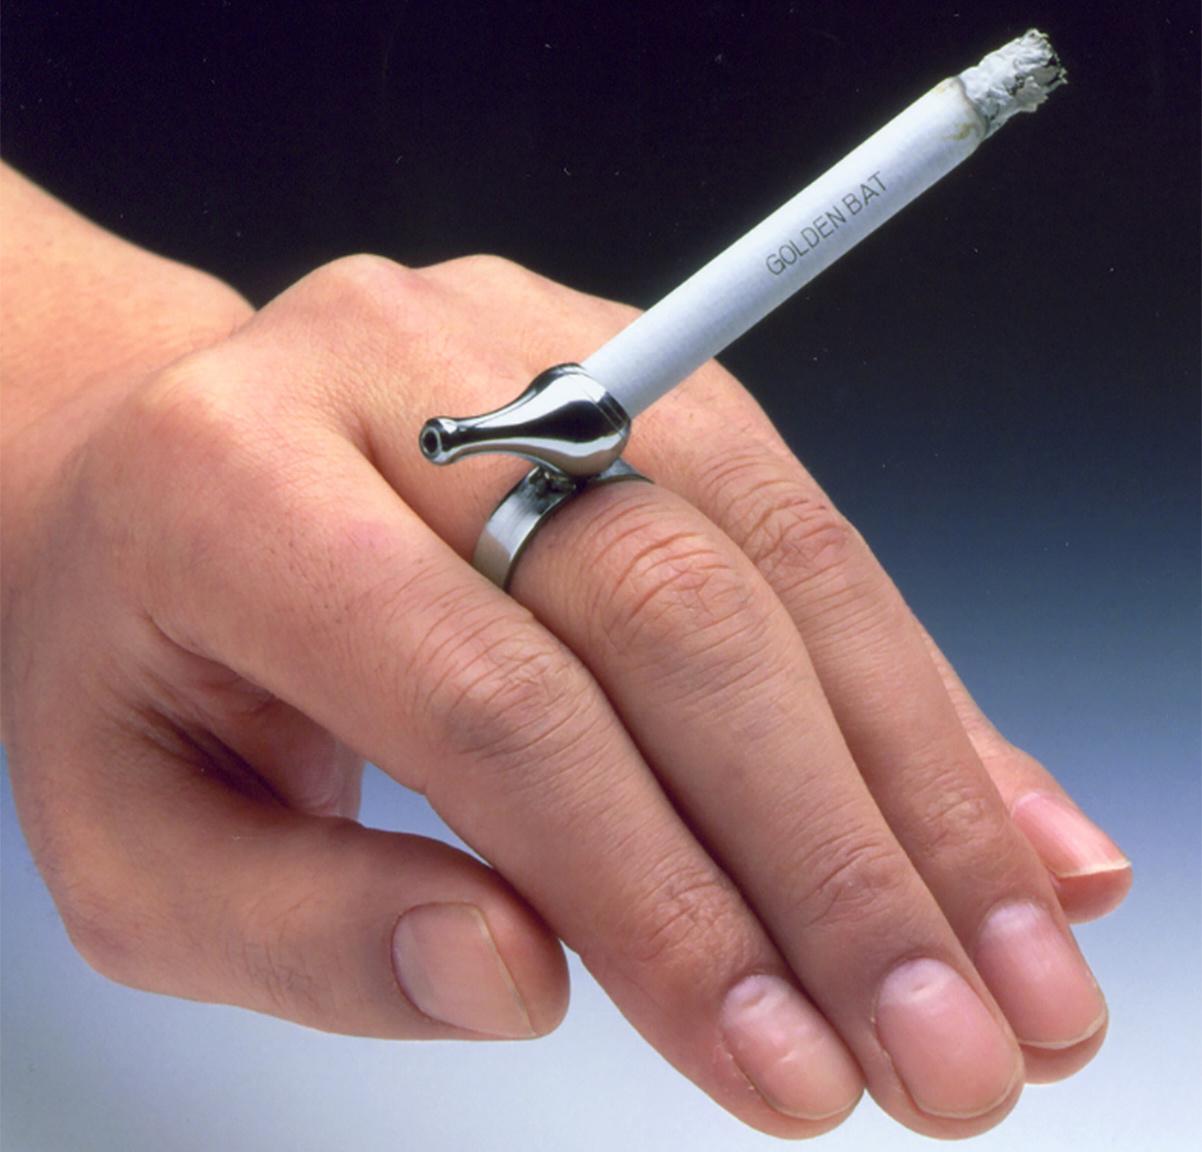 A jubiva pipa volt Kasio Tadao mérnök első nagy dobása 1946-ban. Az ujjra húzható cigarettaszipkát vitték mint a cukrot a háború utáni szegénységben tengődő japánok. Az egyszerű találmány egyrészt lehetővé tette, hogy a dohányosok szinte a teljes cigarettát el tudják szívni (bár az ezt lehetővé tevő füstszűrős cigarettát már 1925-ben feltalálta a magyar származású Boris Aivaz, a filteres cigaretták széles körű elterjedése csak a II. világháború utáni években következett be). Másrészt a gyűrűvel szabaddá vált a cigarettát tartó kéz, ami a japán melósoknak meglehetősen praktikus volt.